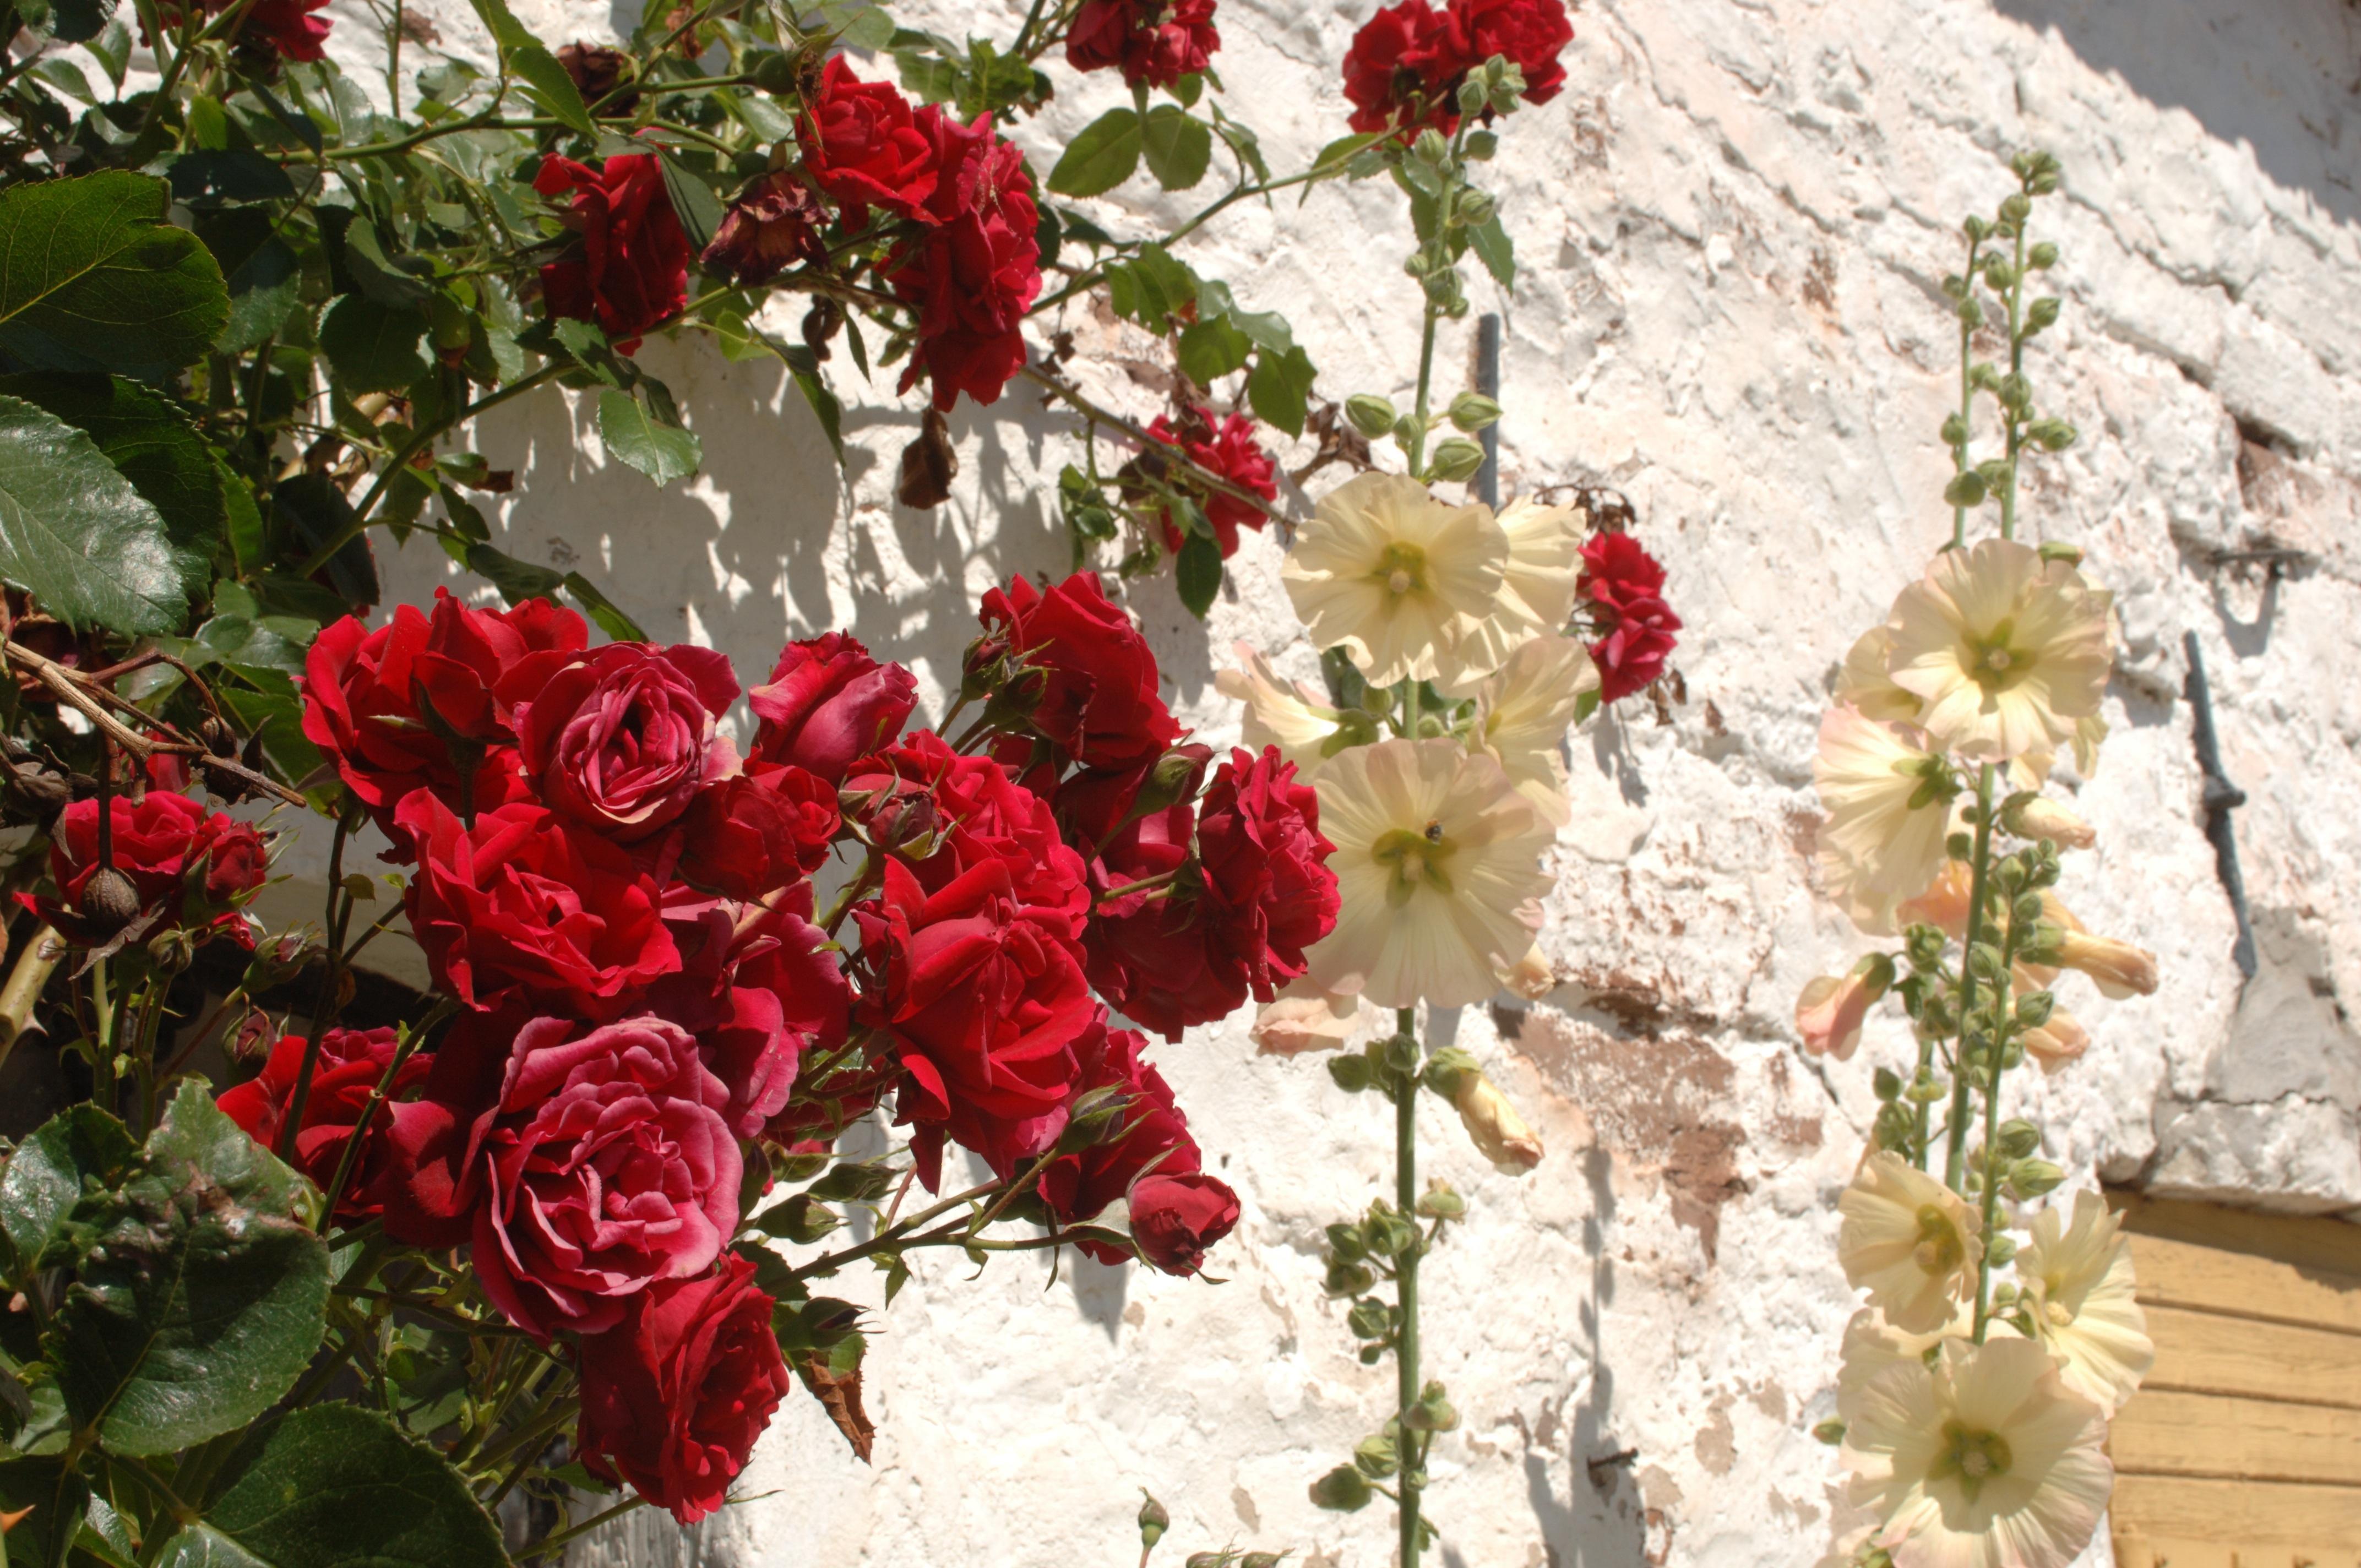 images gratuites : fleur, rose rouge, des roses, fleuriste, ros